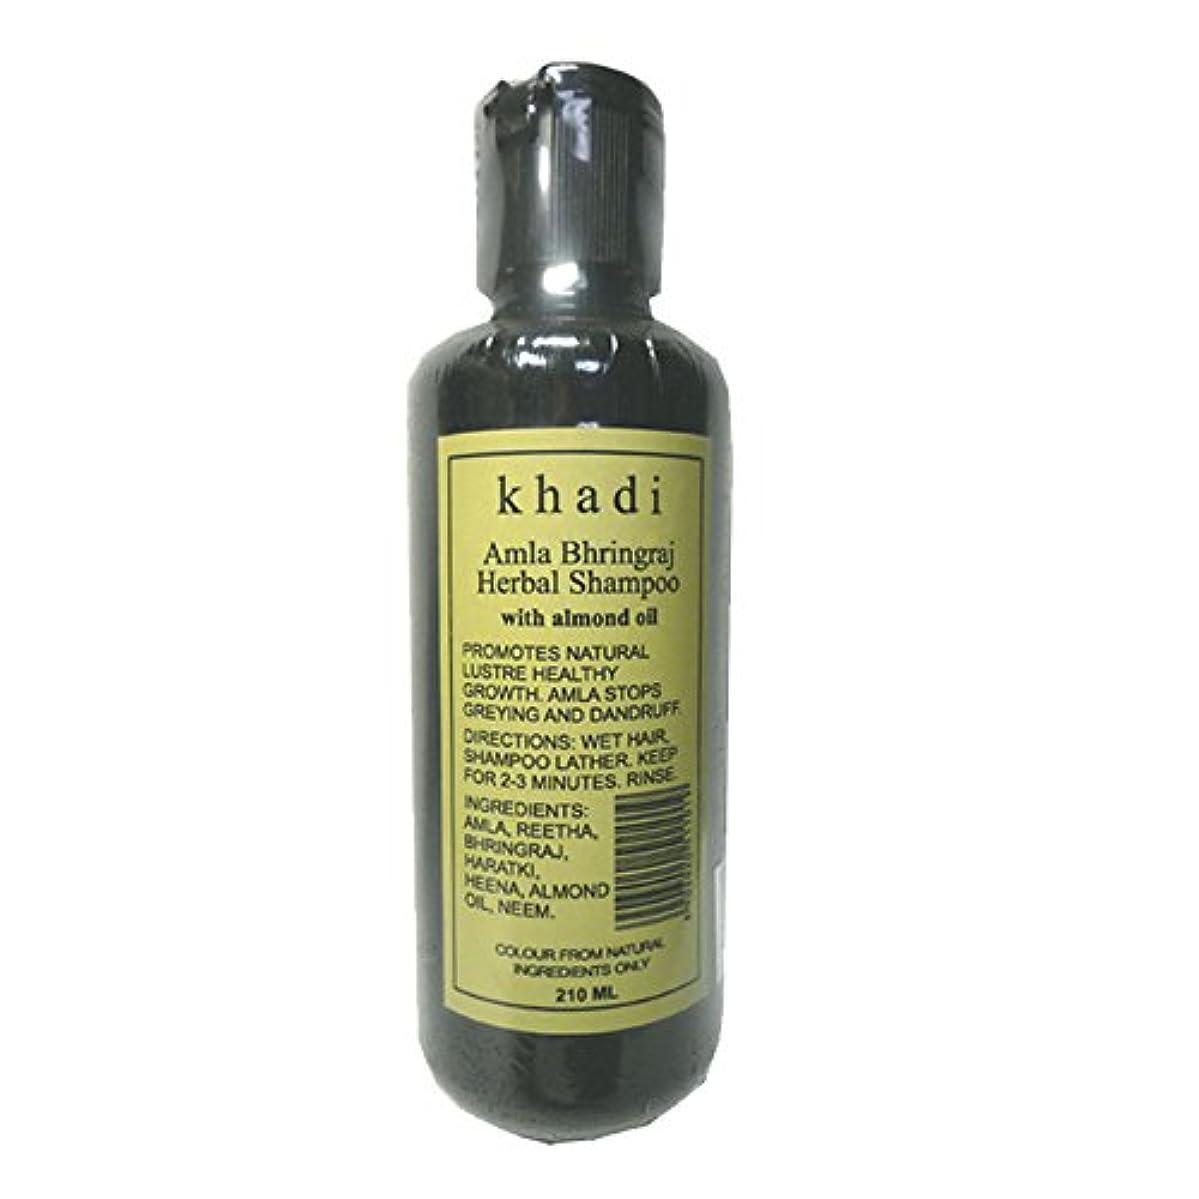 手作り  カーディ アムラ リーサ ハーバルシャンプー KHADI Amla Rertha  Herbal Shampoo(Amla Bhringraj Herbal Shampoo)